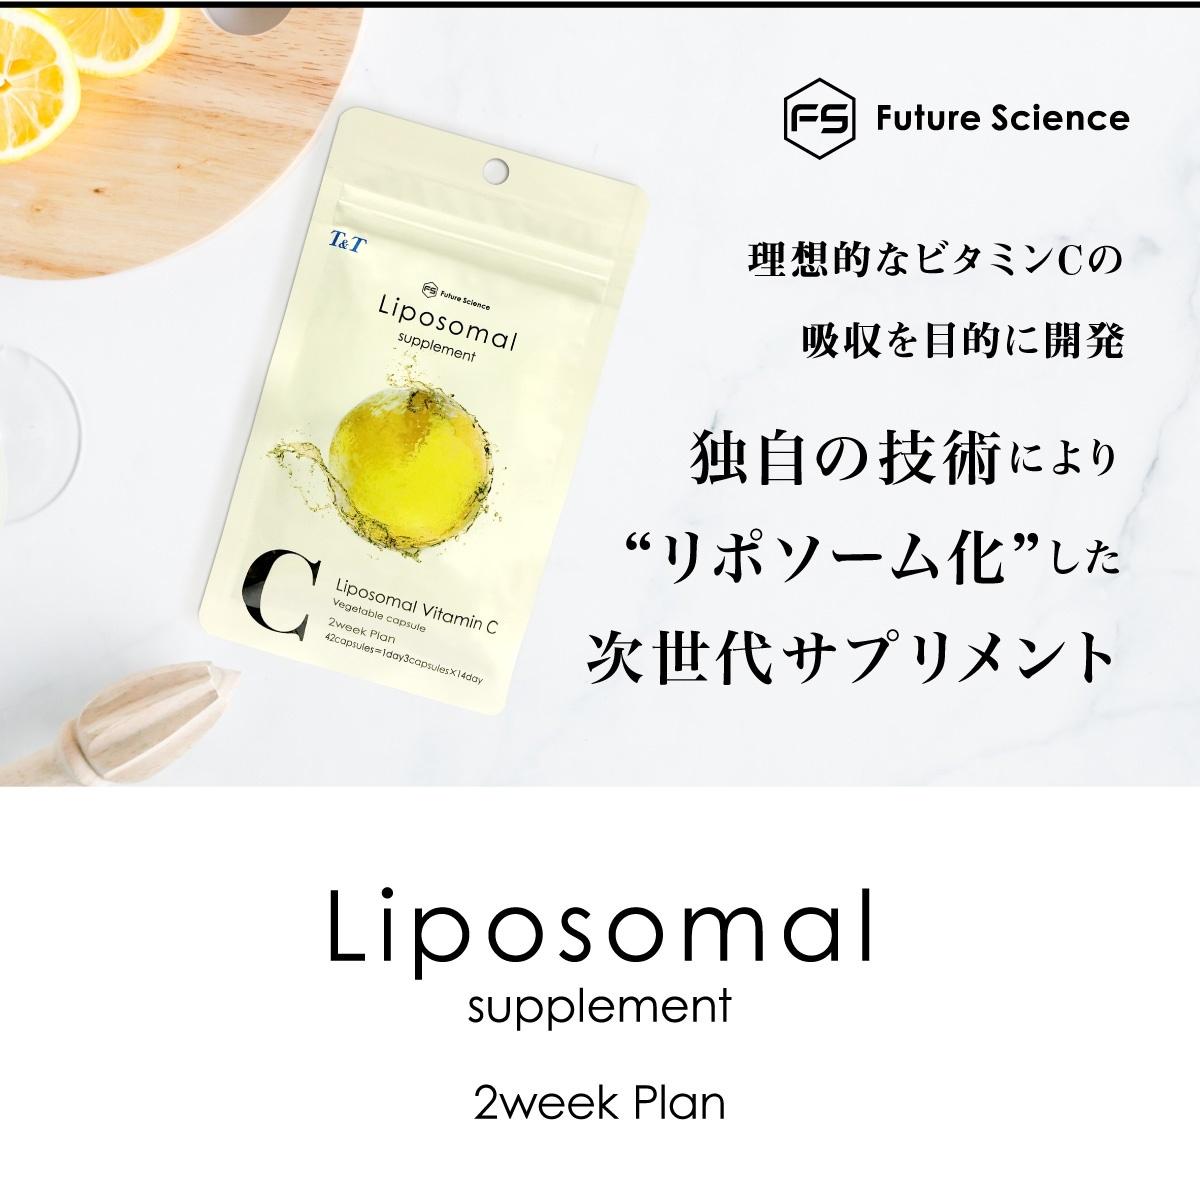 リポソームビタミンC ハードカプセル ビタミンC 国内製造 Liposomal 42粒 100% (HCP内) 2週間